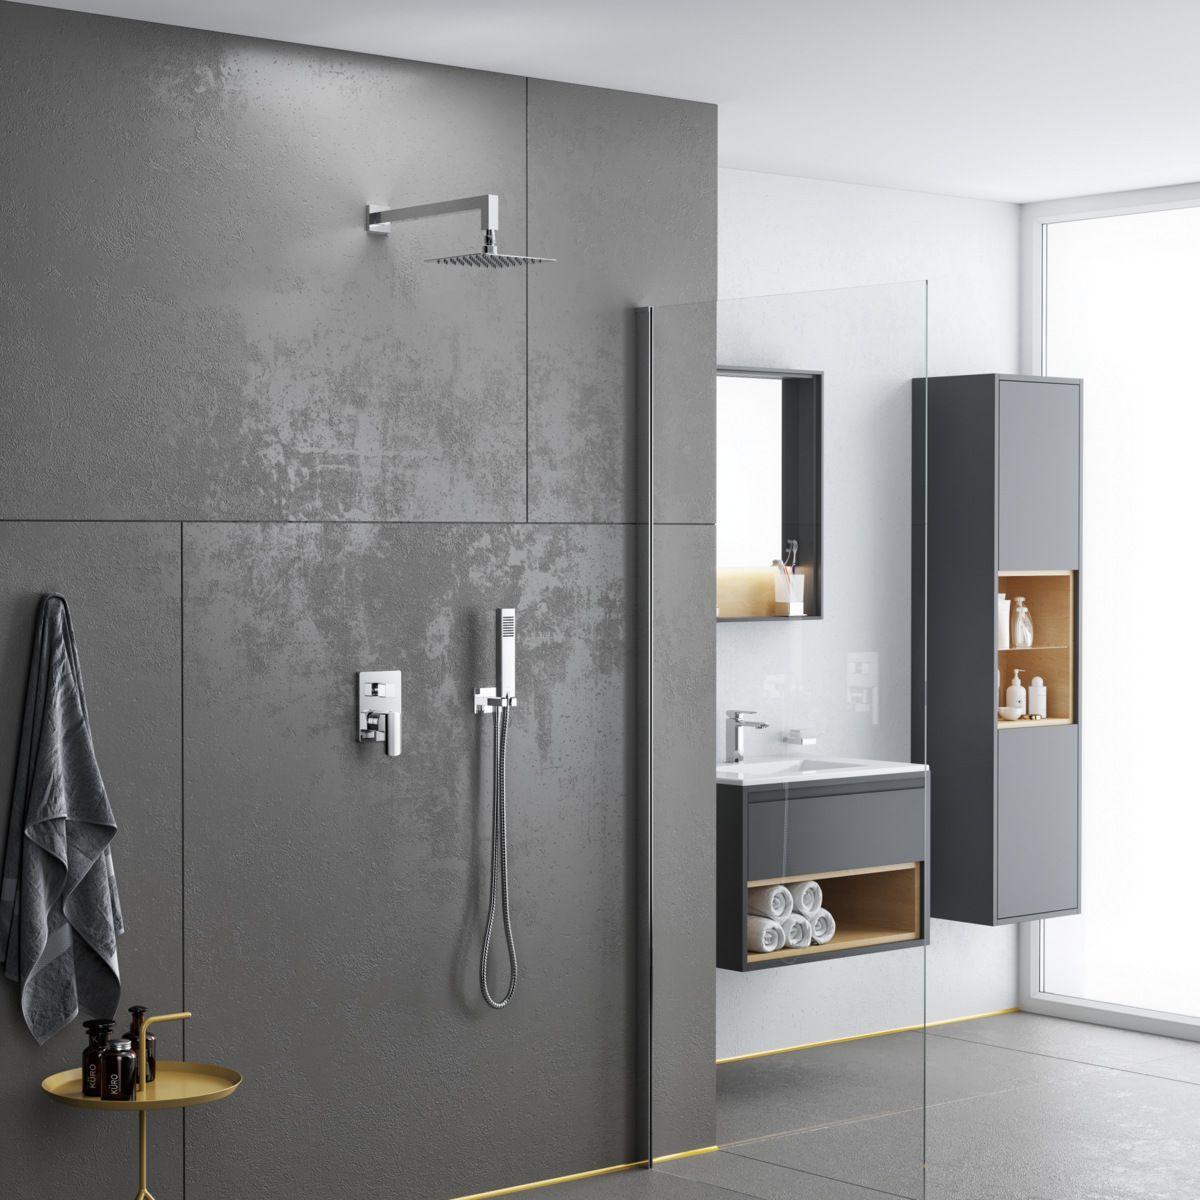 Elegancki Funkcjonalny Zestaw Prysznicowo Wannowy Podtynkowy Pride Bathroom Interior Lighted Bathroom Mirror Bathroom Mirror